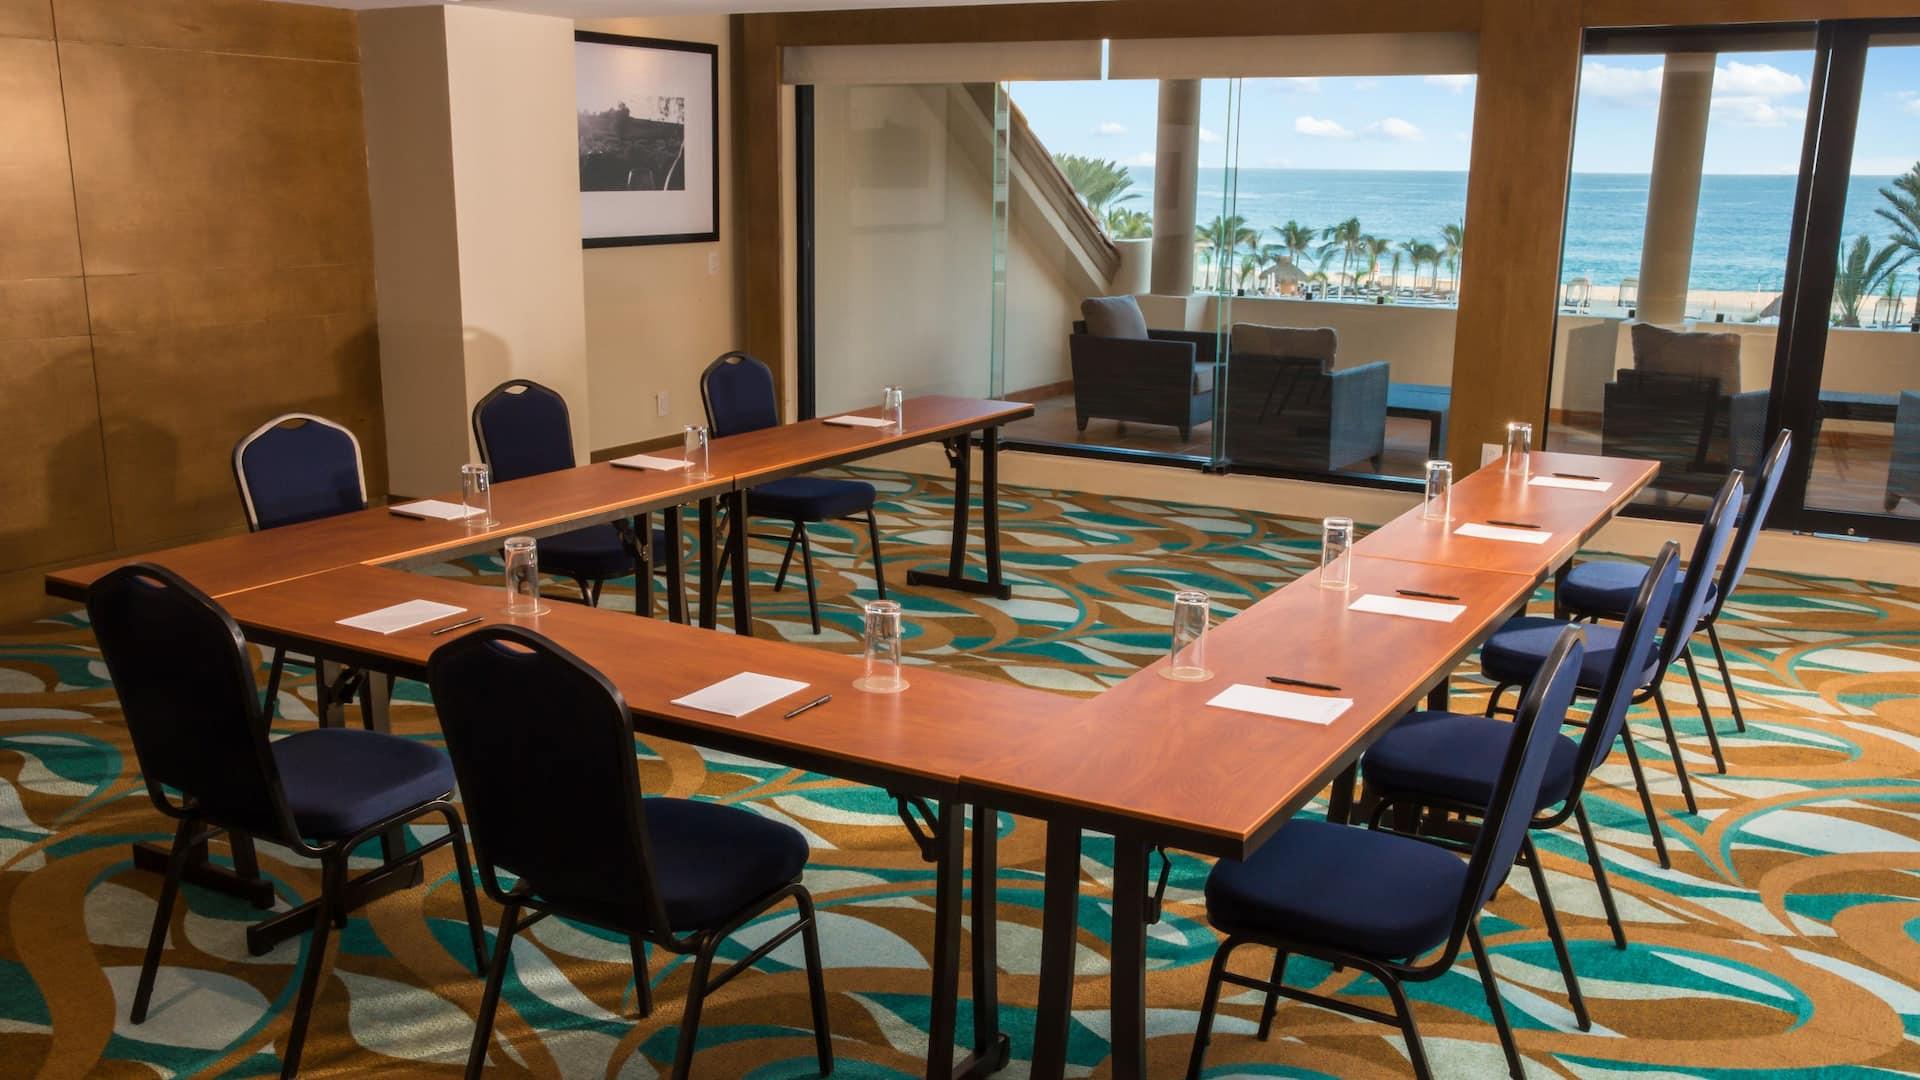 U-shape Style Meeting Room